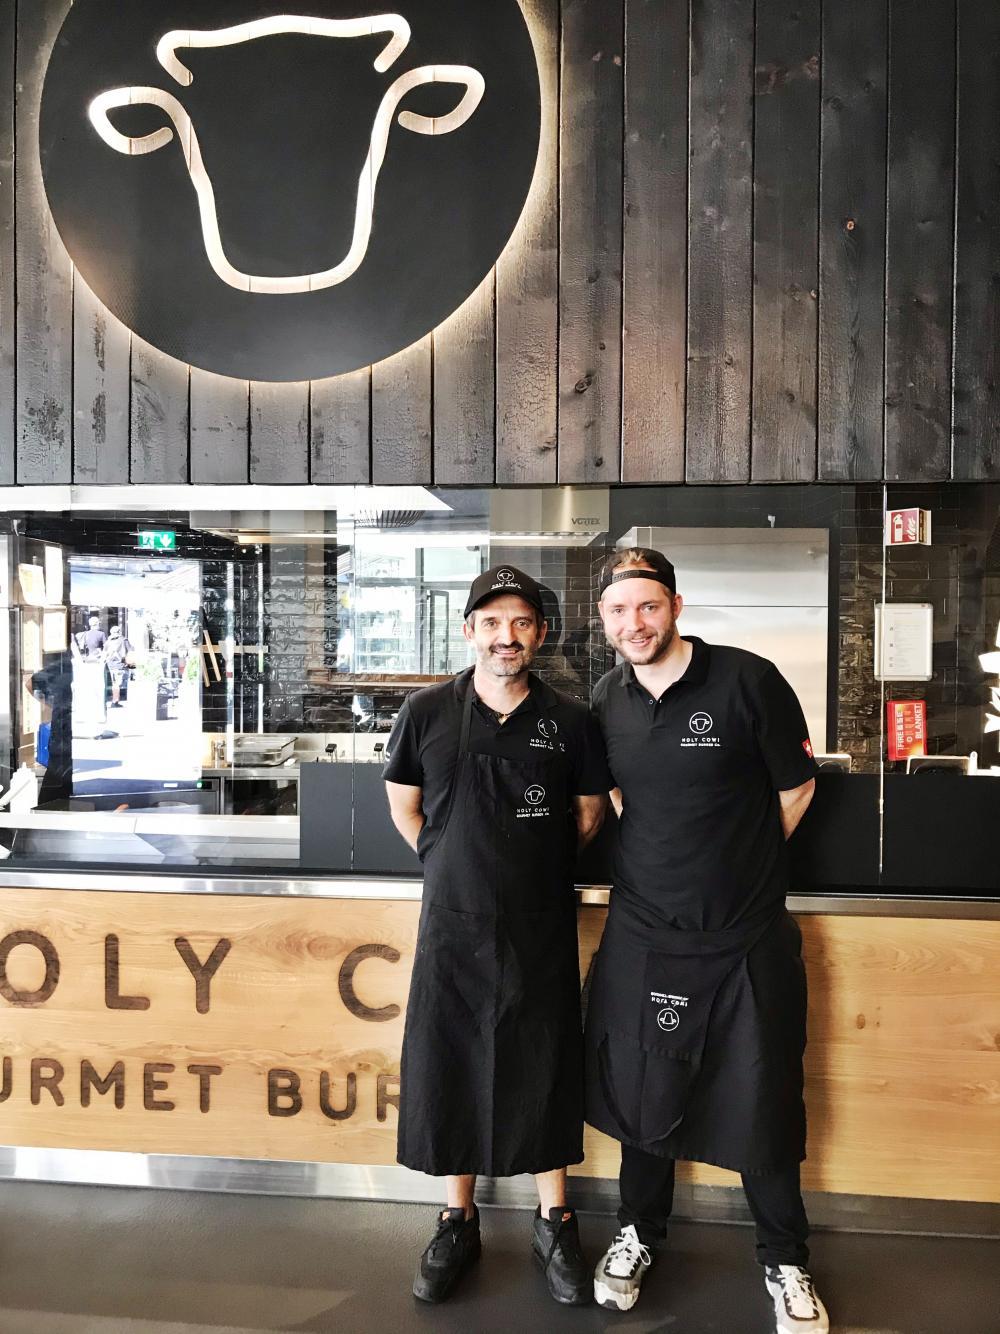 Holy Cow-Gründer, Richard Williams (links), und Leiter Geschäftsentwicklung, Sven Gerster. Nicht im Bild: der Basler Mitinhaber, Andres Krattinger.